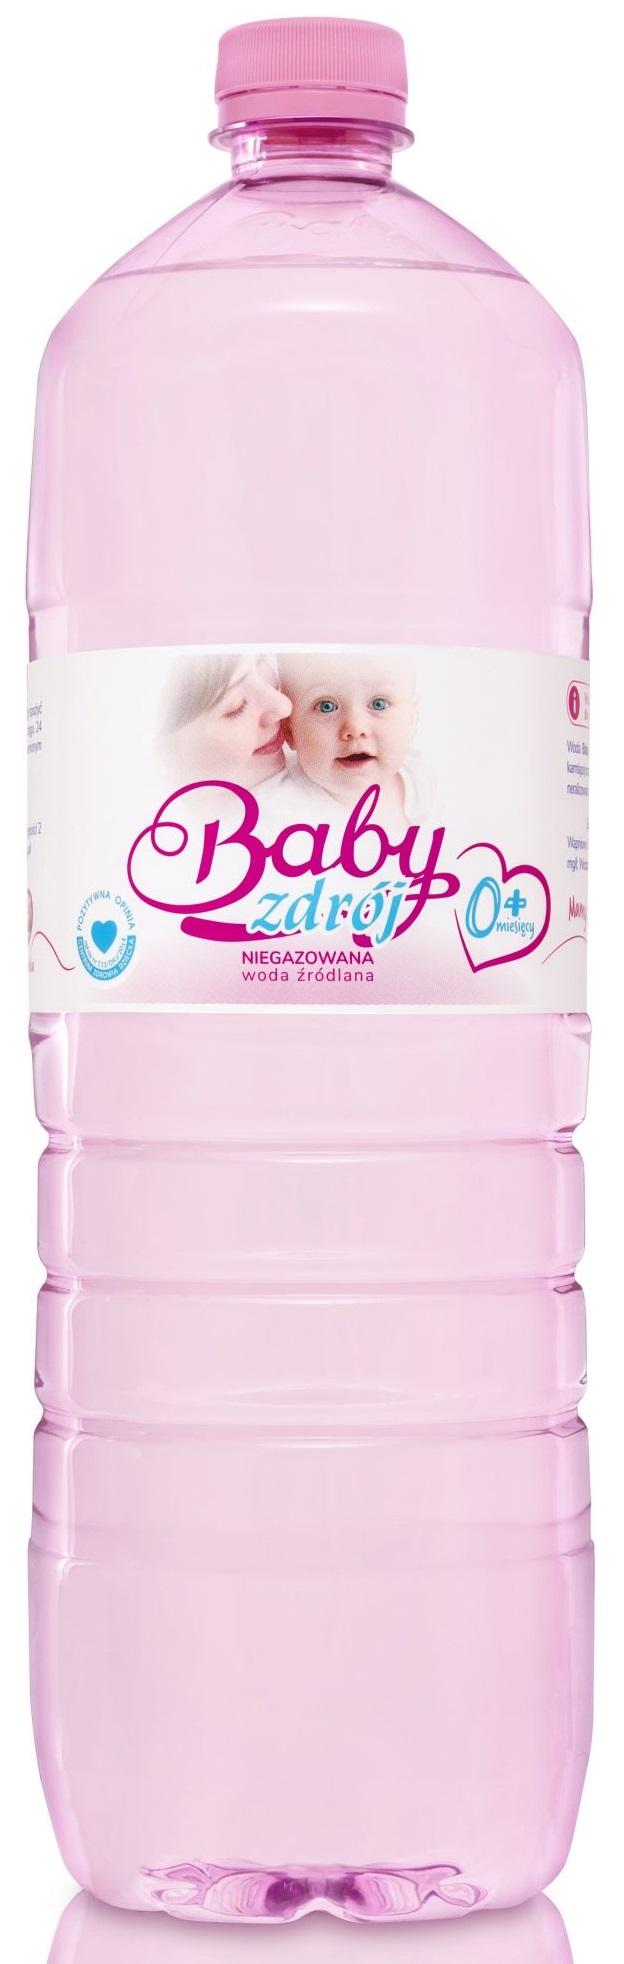 Baby zdrój niegazowana woda żródlana